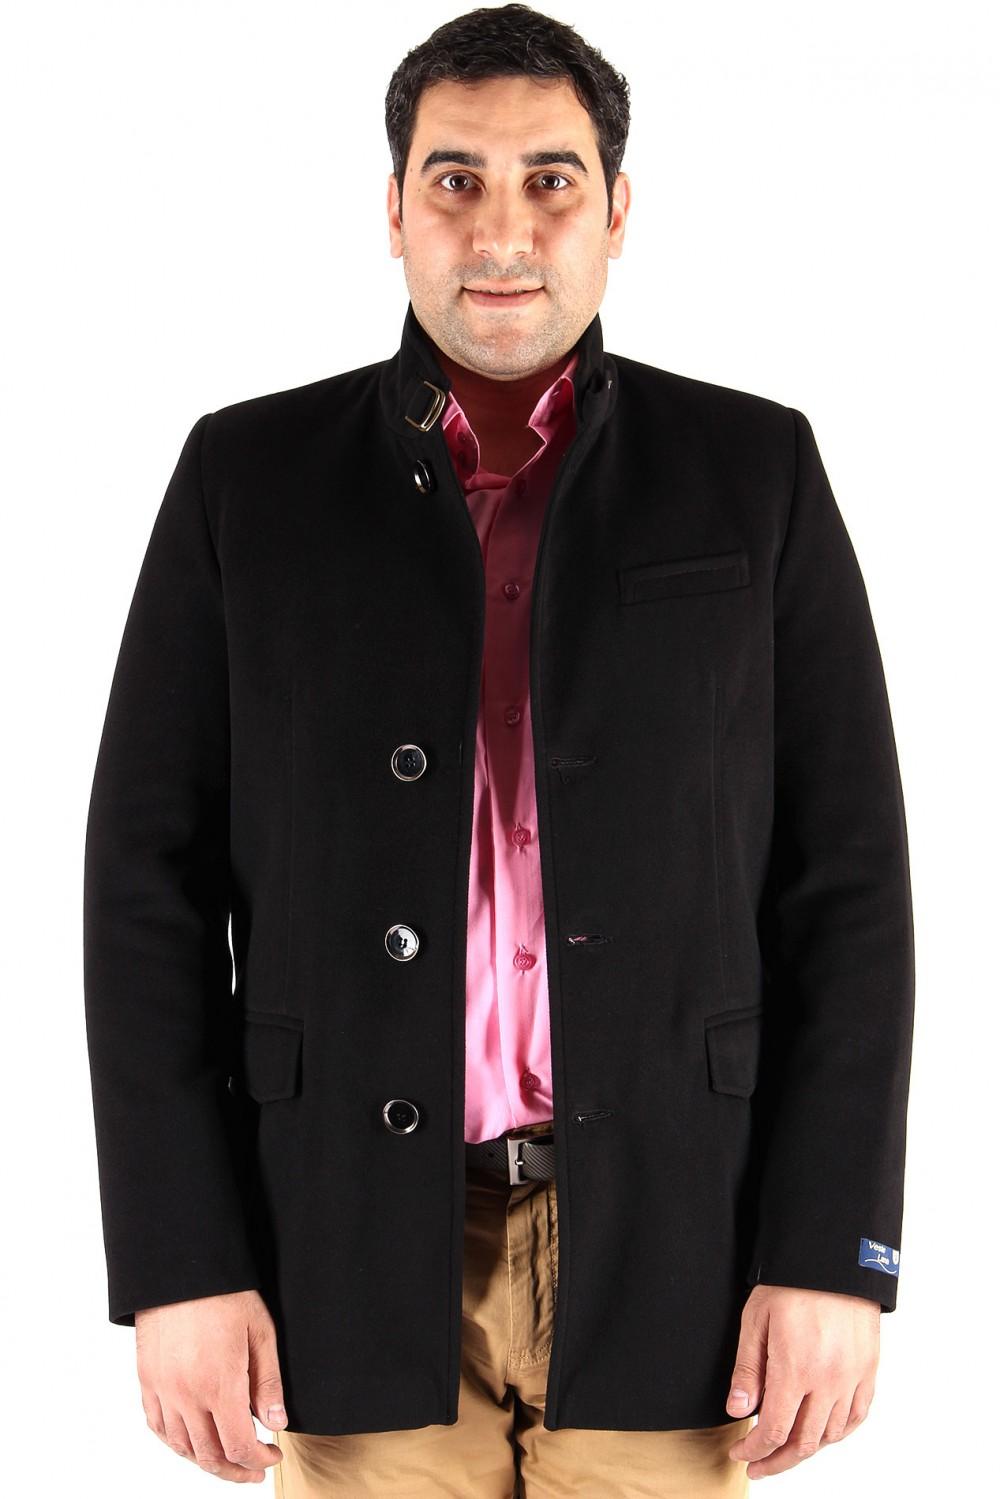 Купить оптом Полупальто мужское черного цвета Кс-22Ch